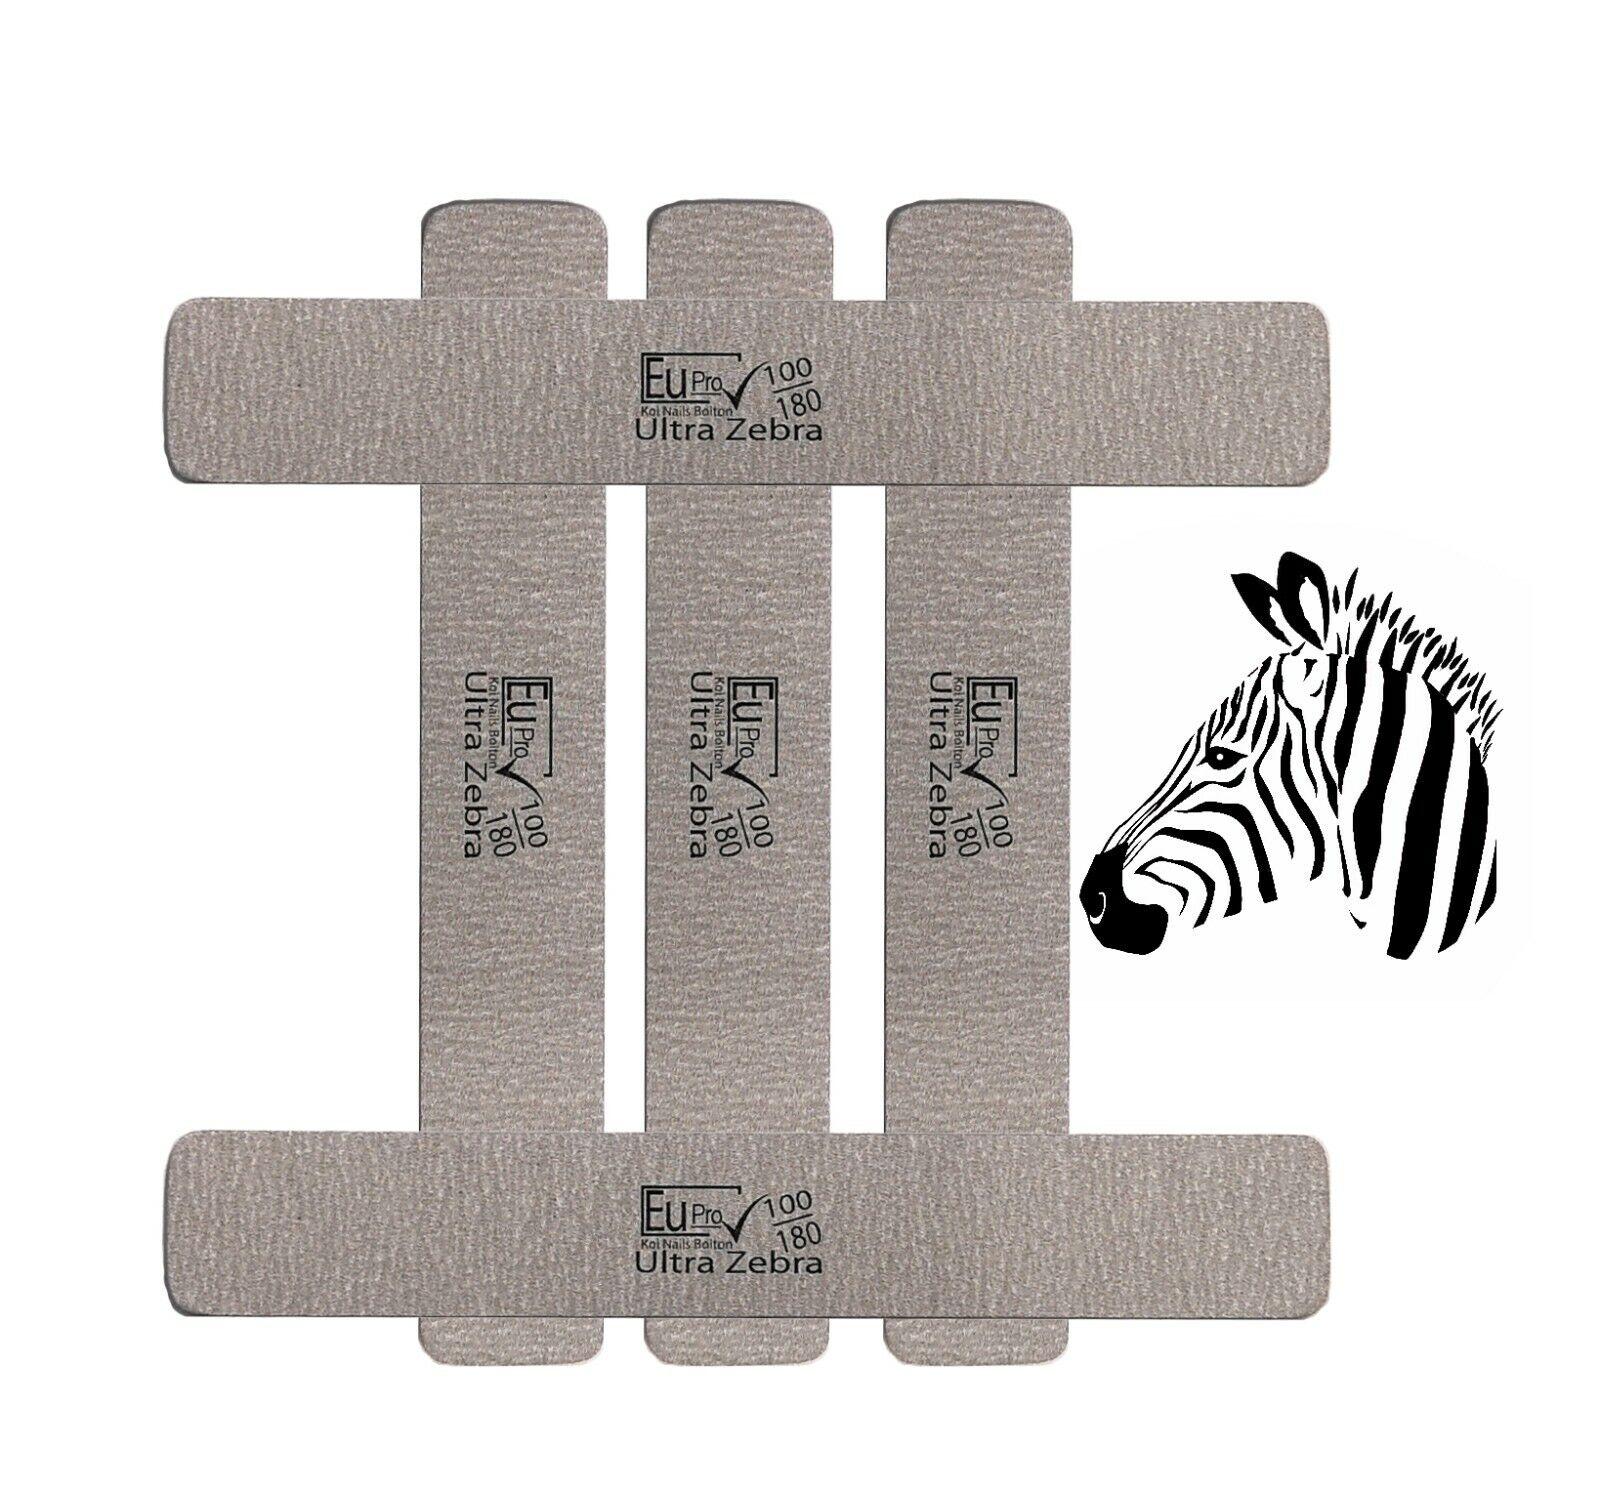 5x (German) Supreme Quality Ultra Zebra Salon Emery Nail File 100 / 180 Files